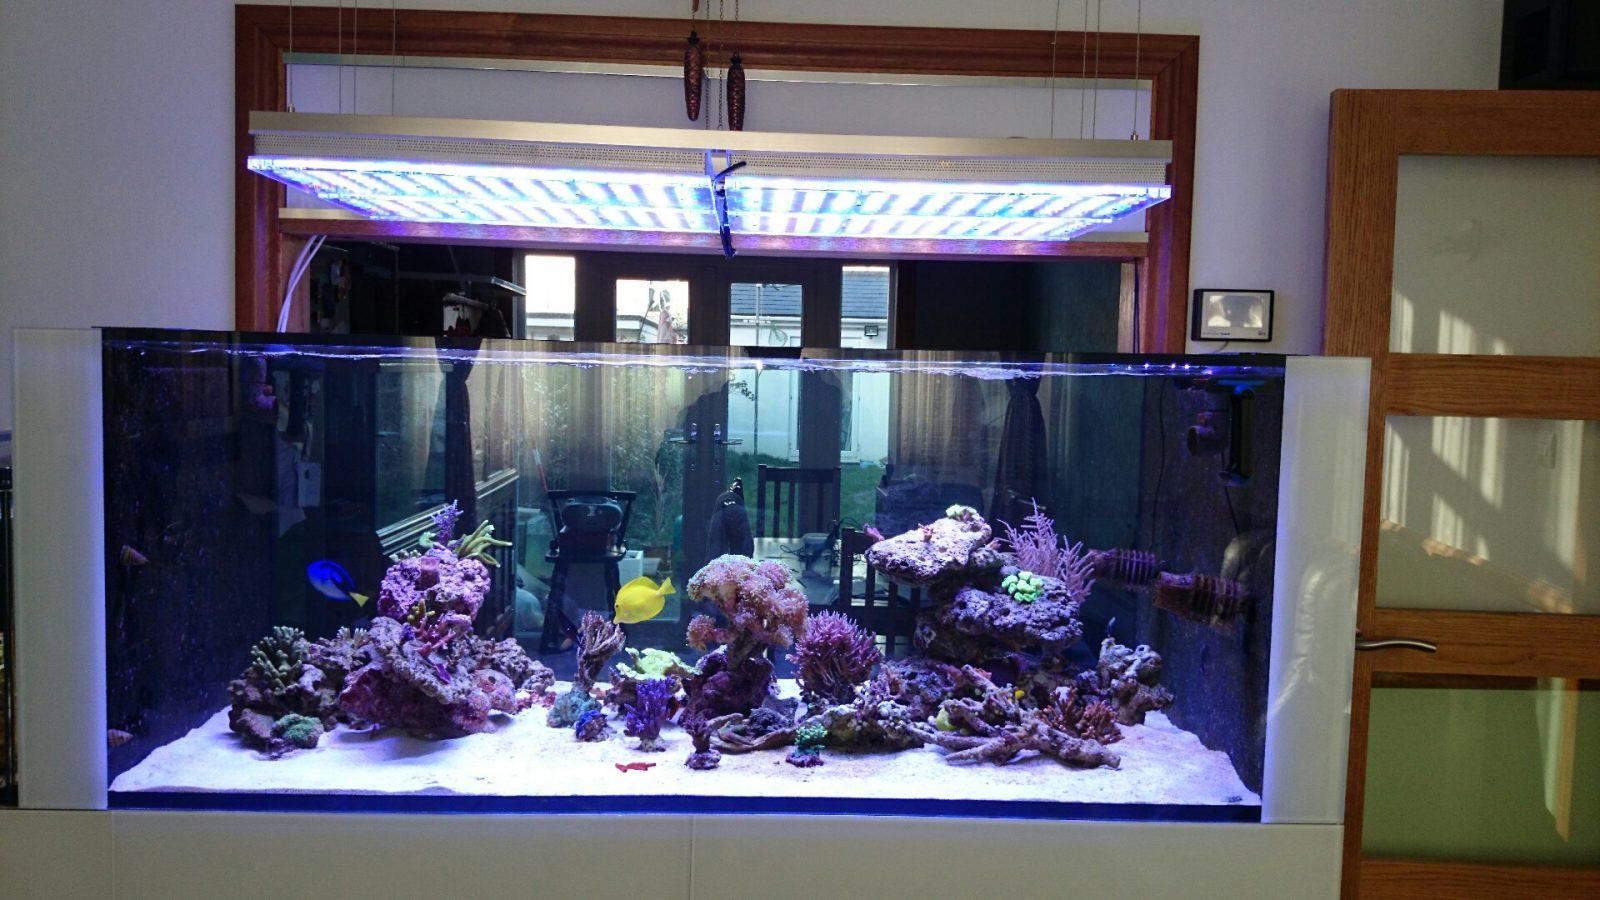 Лучшее светодиодное освещение для роста кораллов 2020